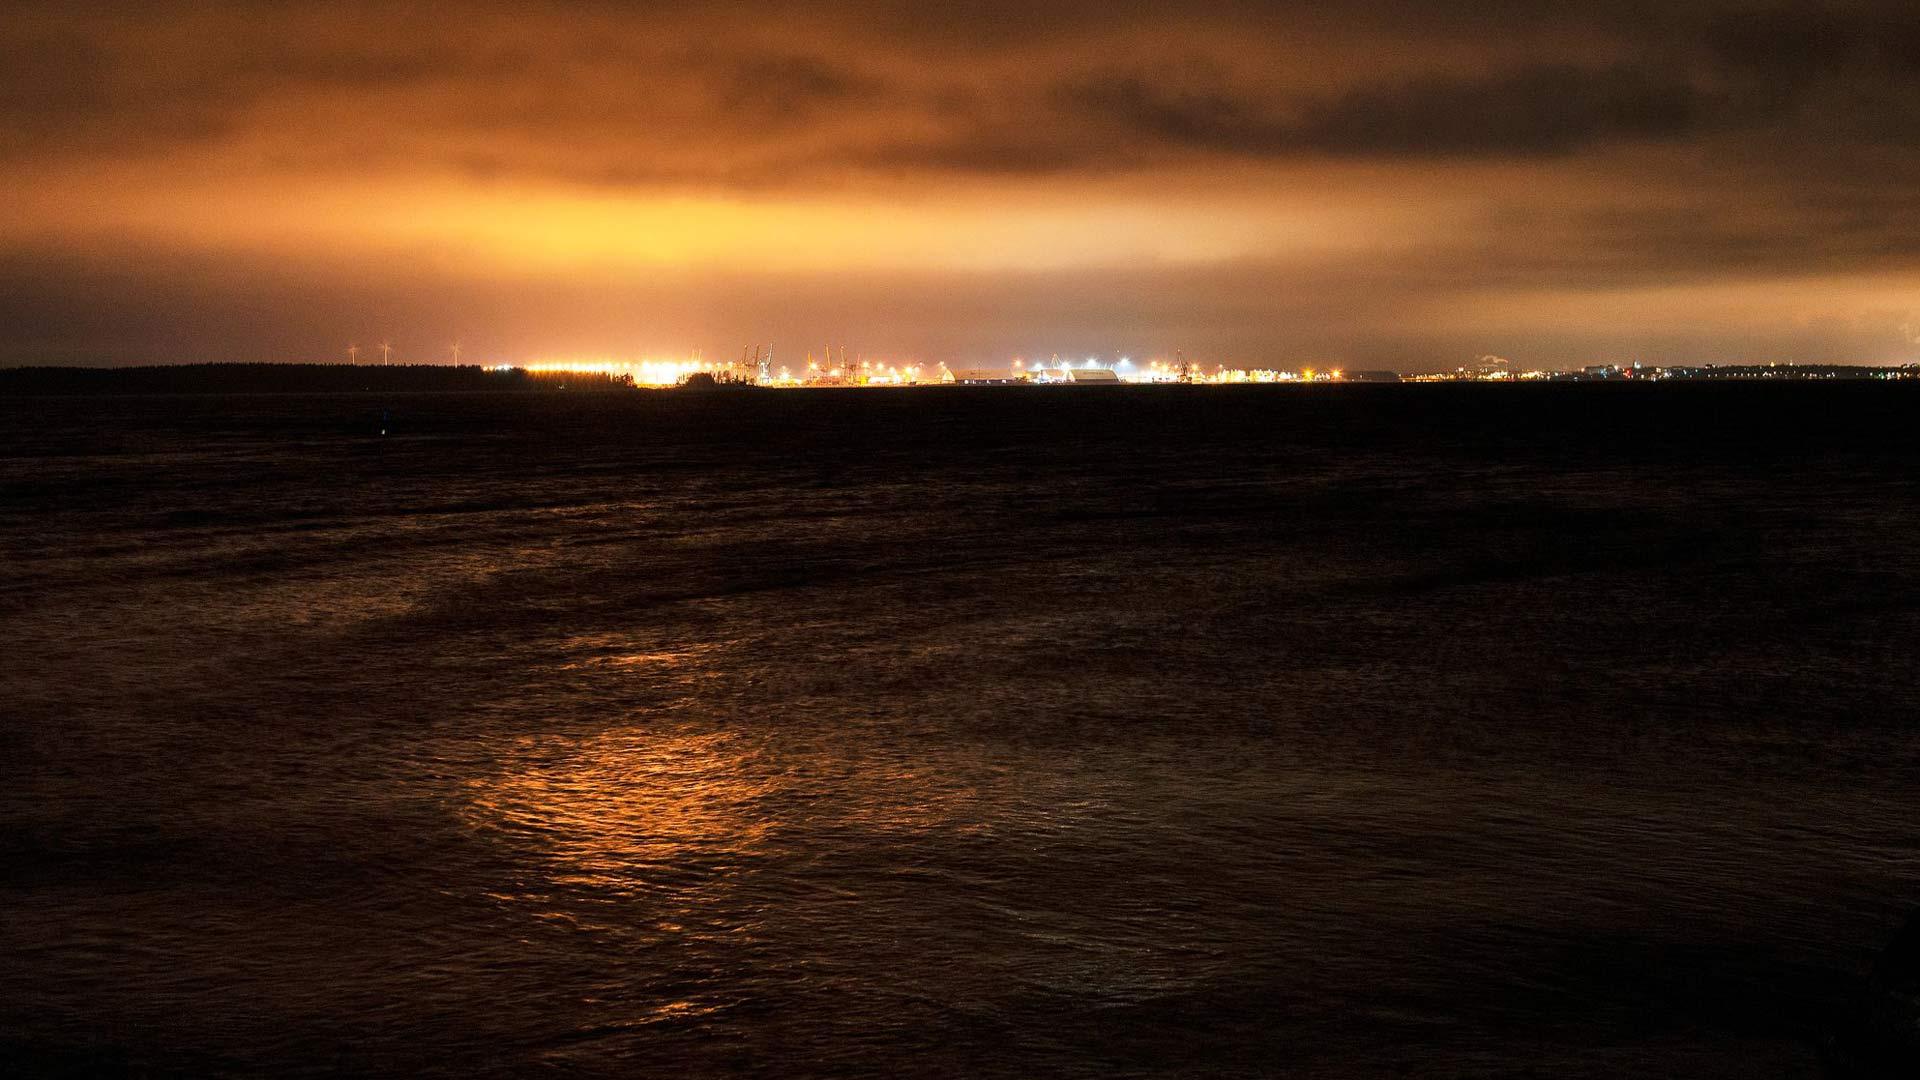 Illan pimentyessä Kotkat valot kajastavat ulapan takaa Rankin saareen.